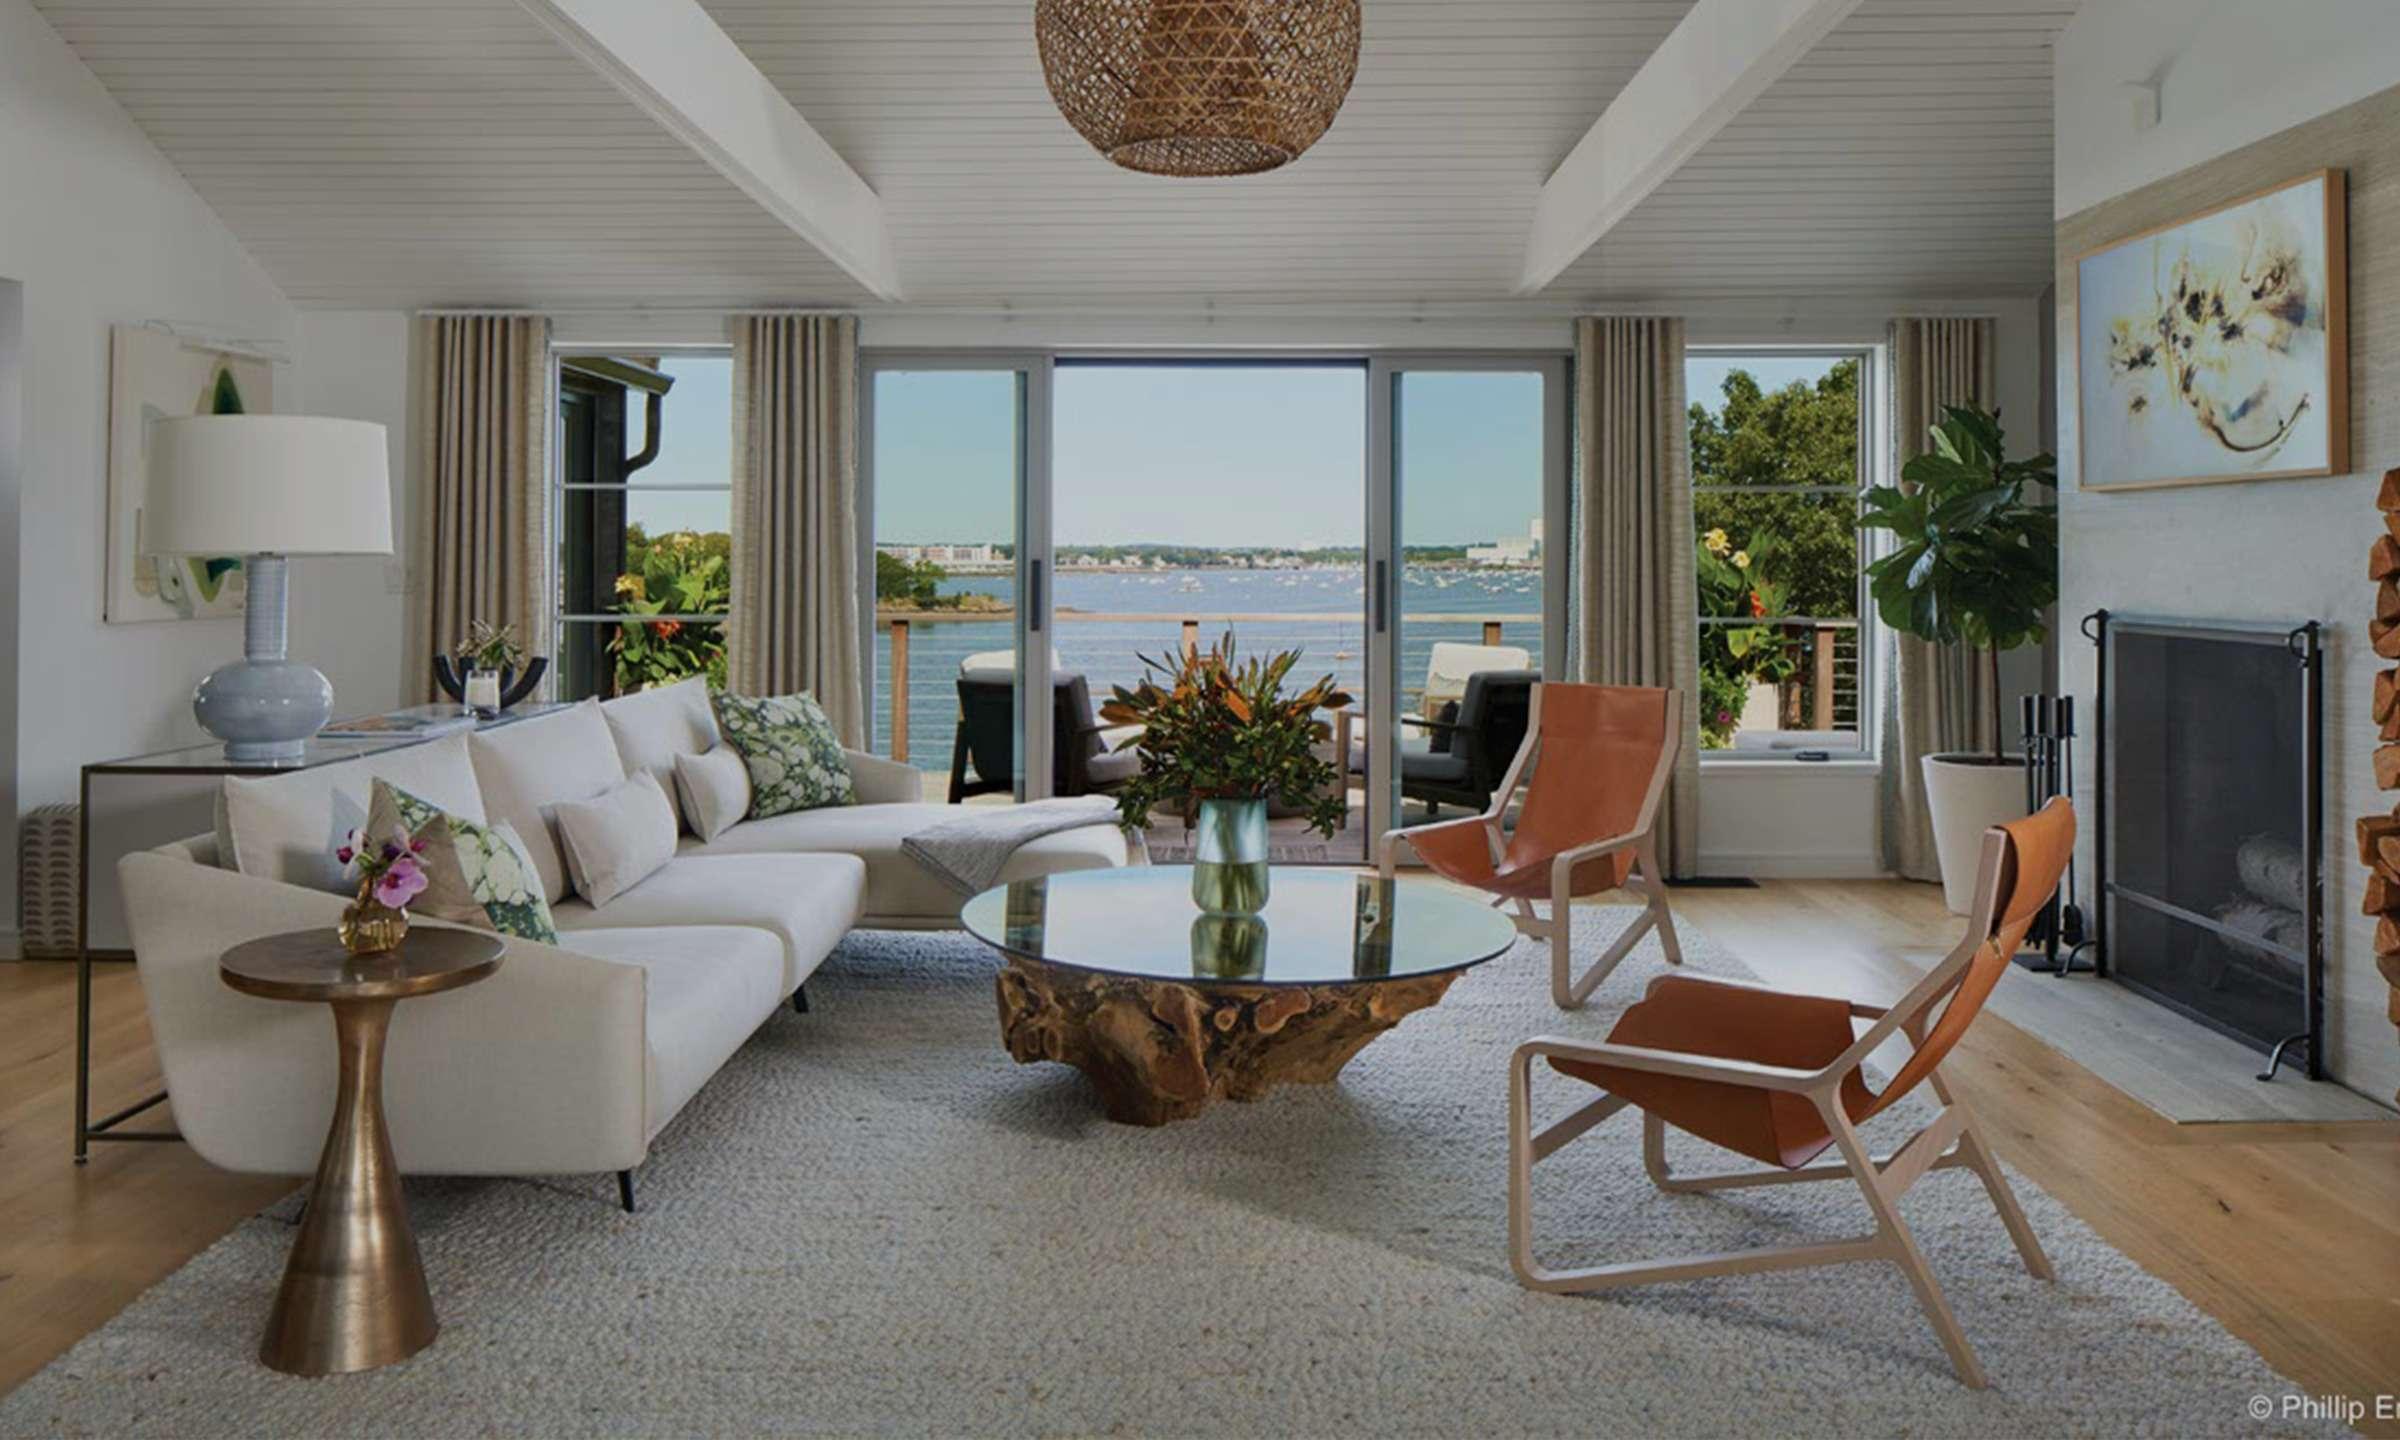 Blending Indoor and Outdoor Spaces